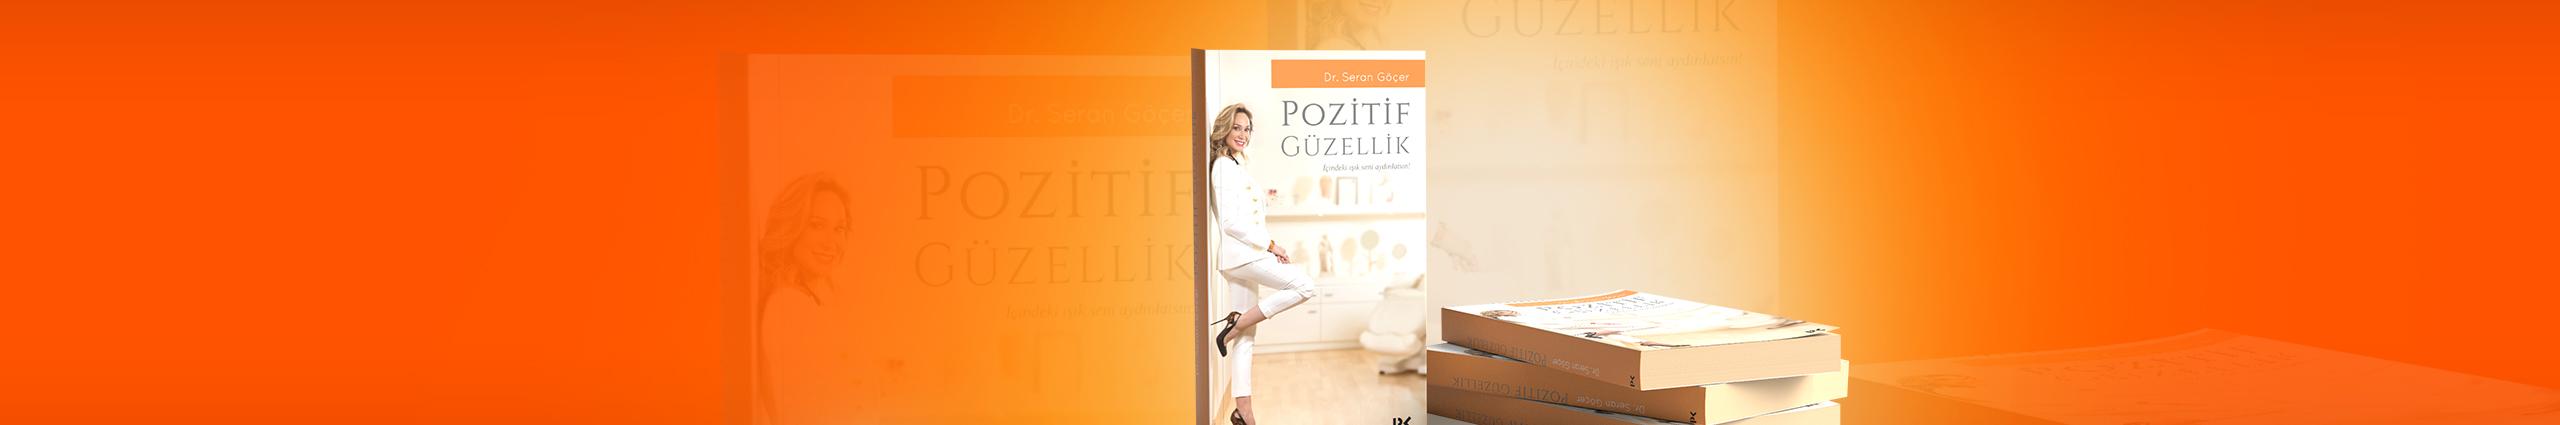 Dr. Seran Göçer'in ilk kitabı 'Pozitif Güzellik' çıktı